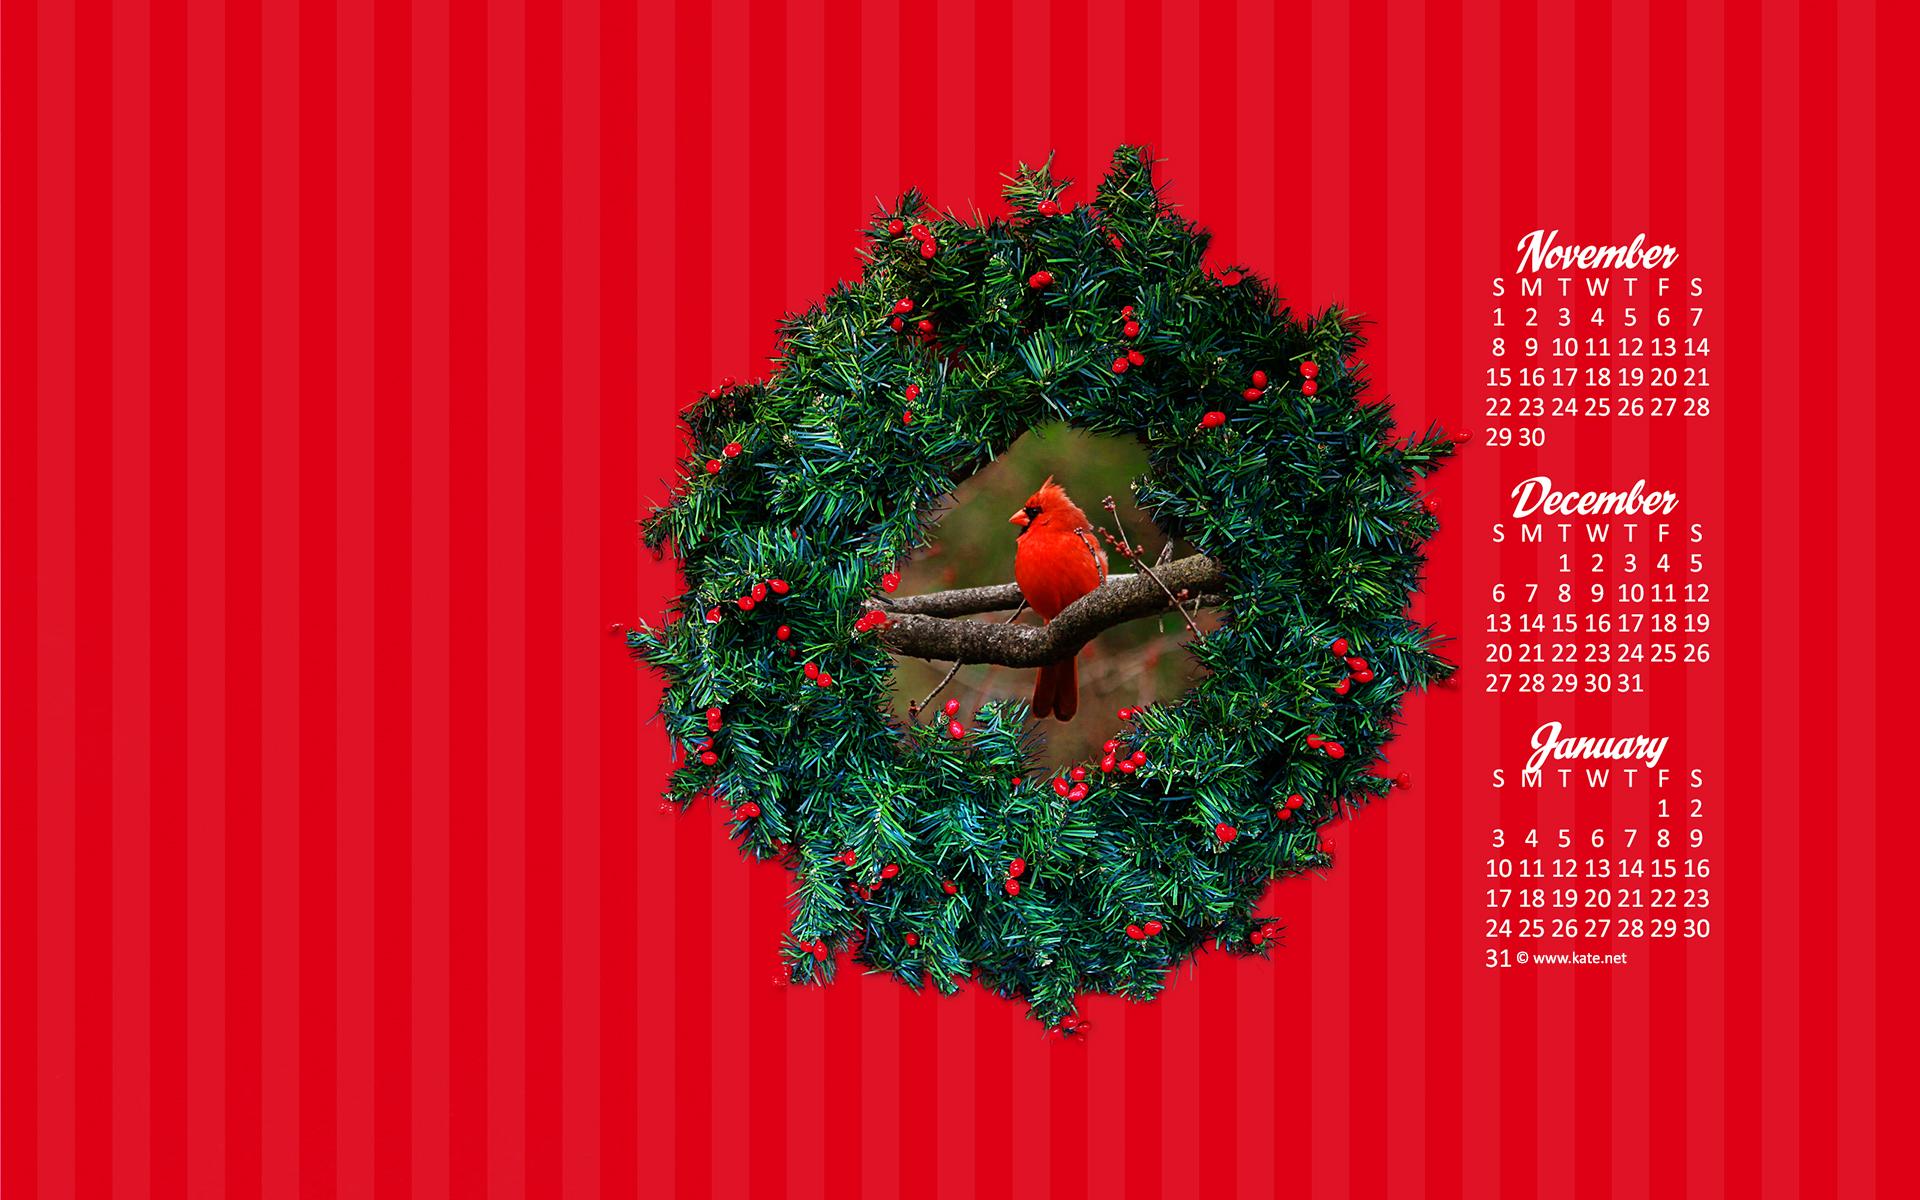 Kate Calendar Wallpaper : Kate net calendar wallpaper wallpapersafari